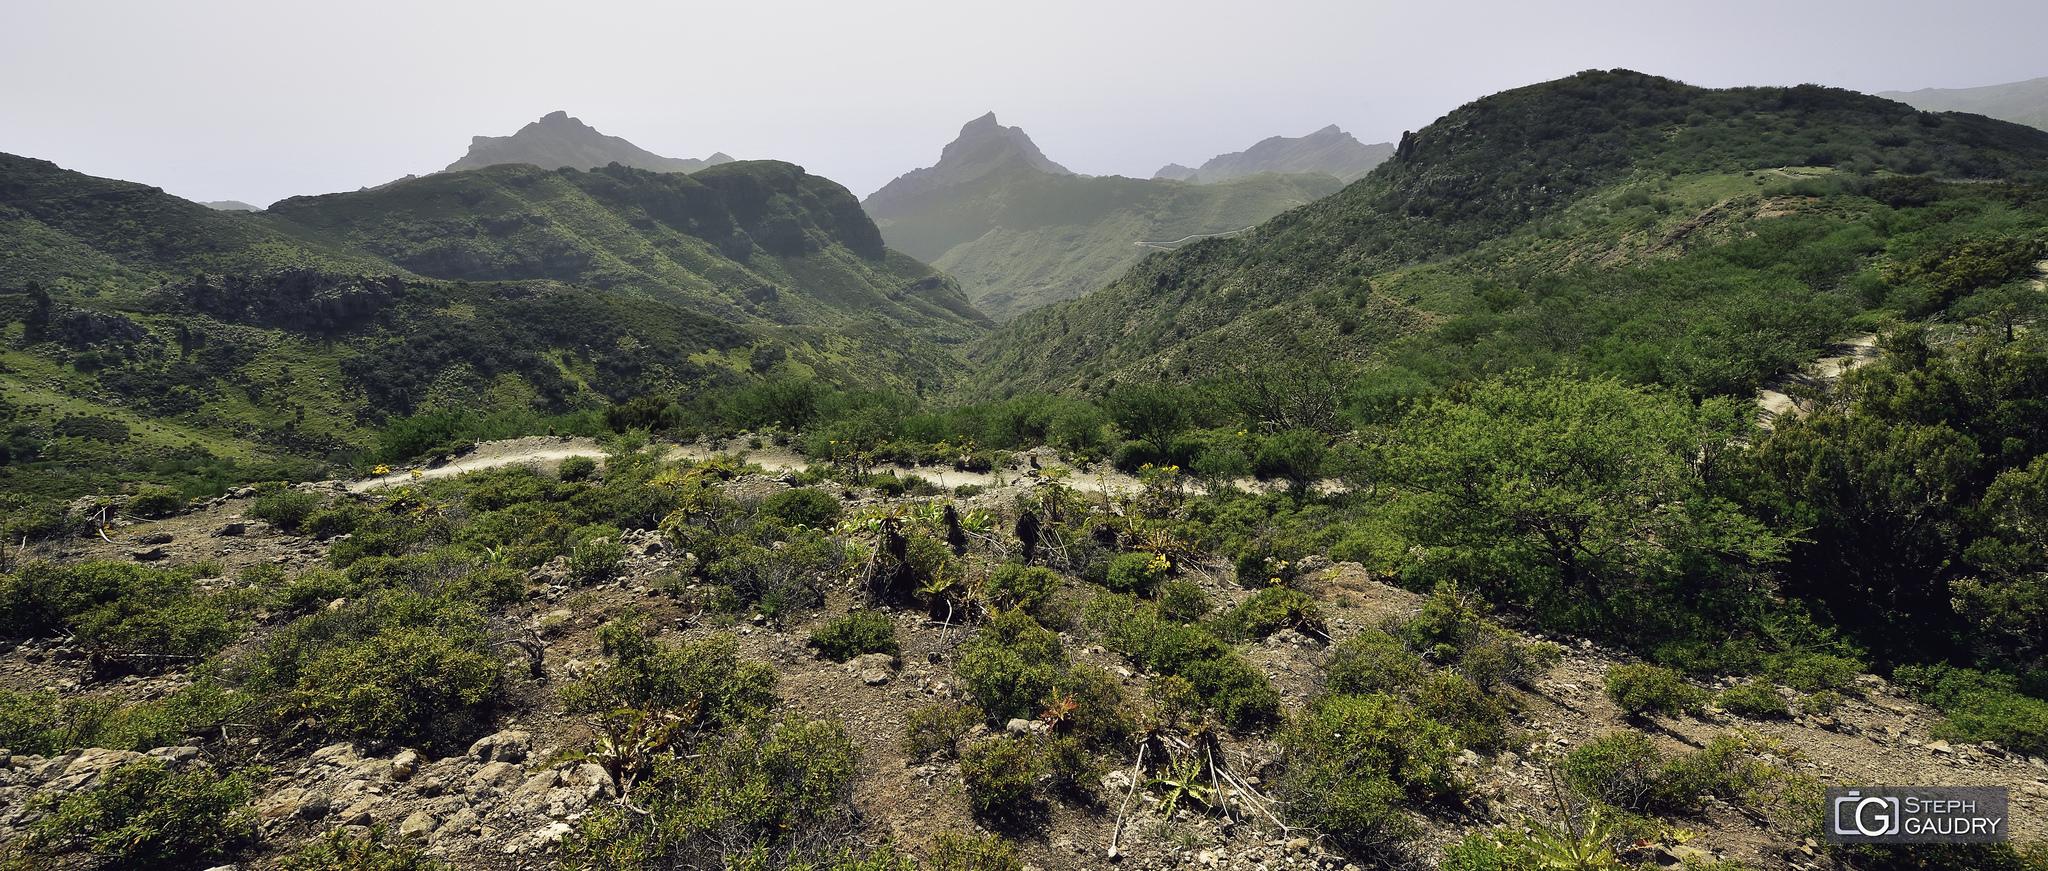 La Cruz de Hilda - Mascadalen (Camino de las Barreras) [Cliquez pour lancer le diaporama]